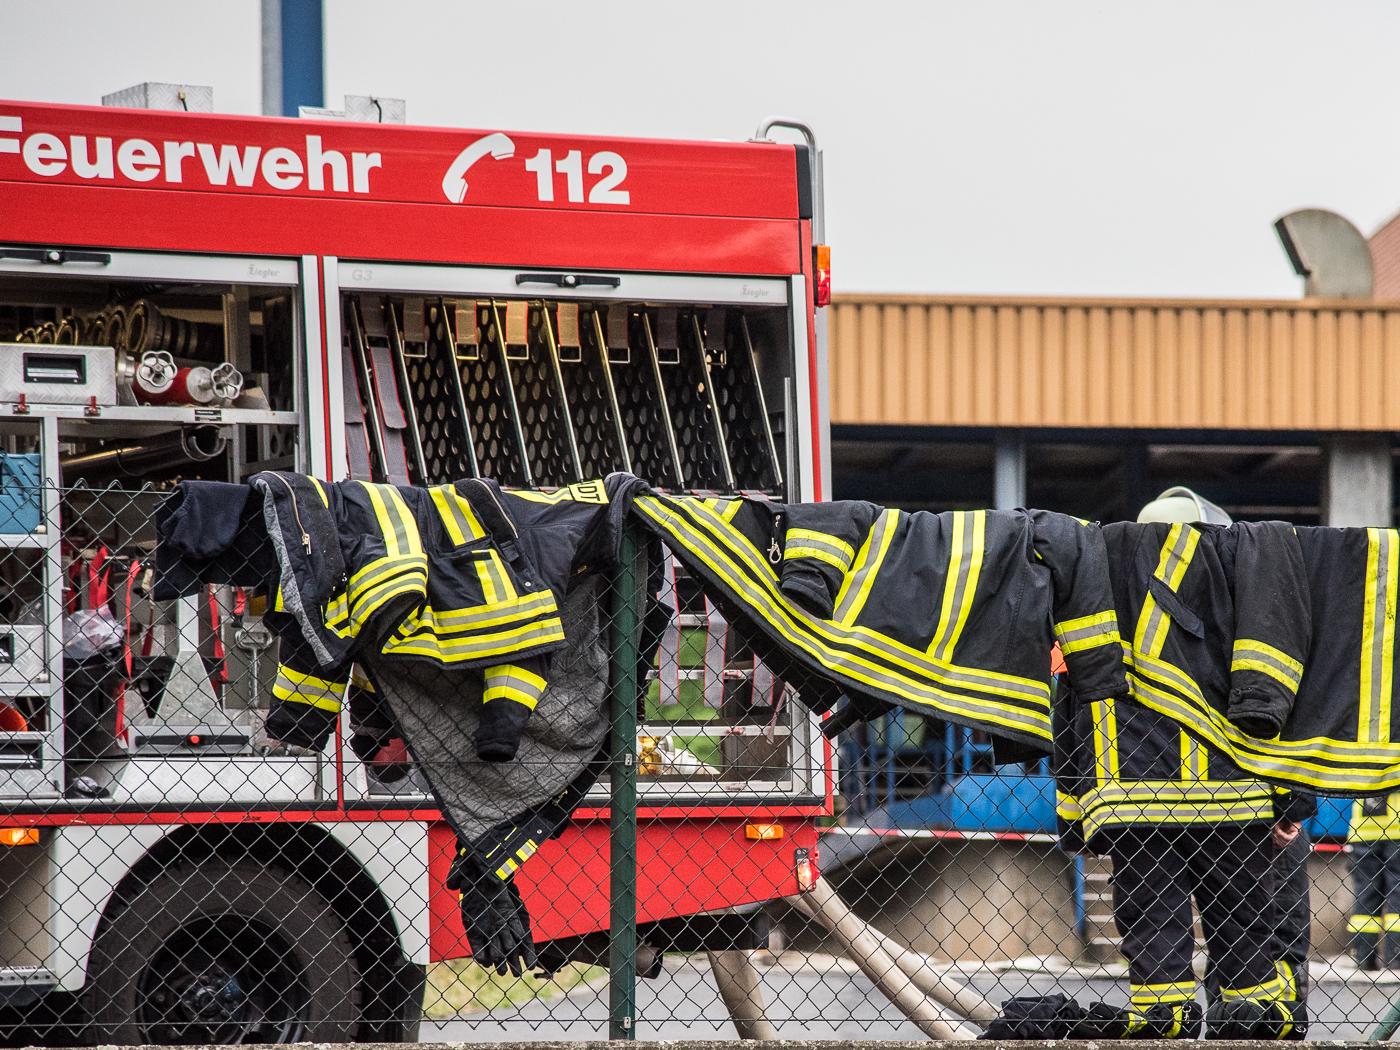 brand ochsenfurt nachl scharbeiten dauern noch an w rzburg erleben. Black Bedroom Furniture Sets. Home Design Ideas